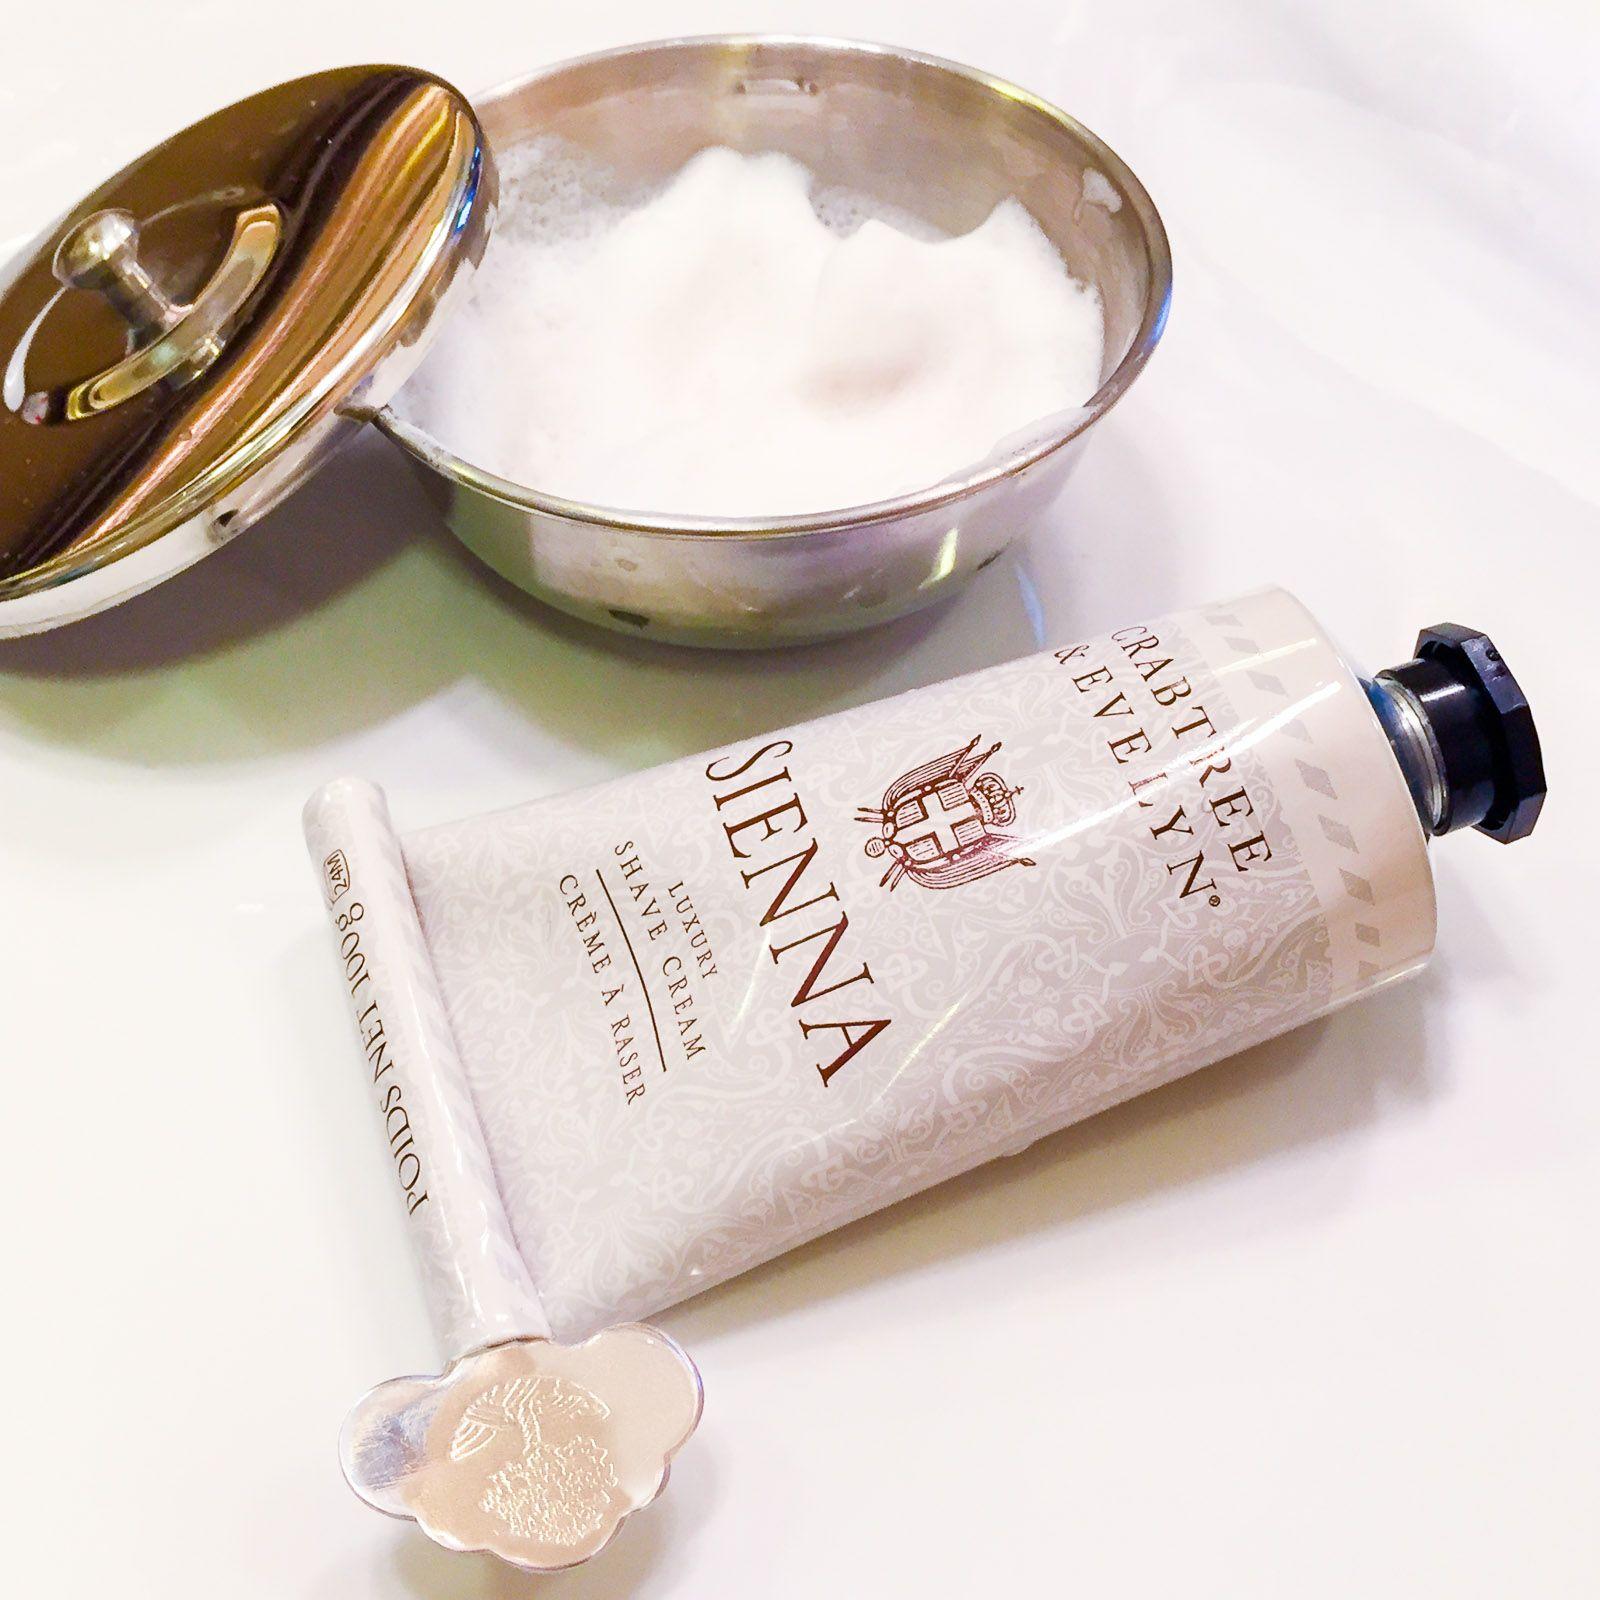 Golenie z kremem do golenia Crabtree & Evelyn Sienna Luxury Shaving Cream